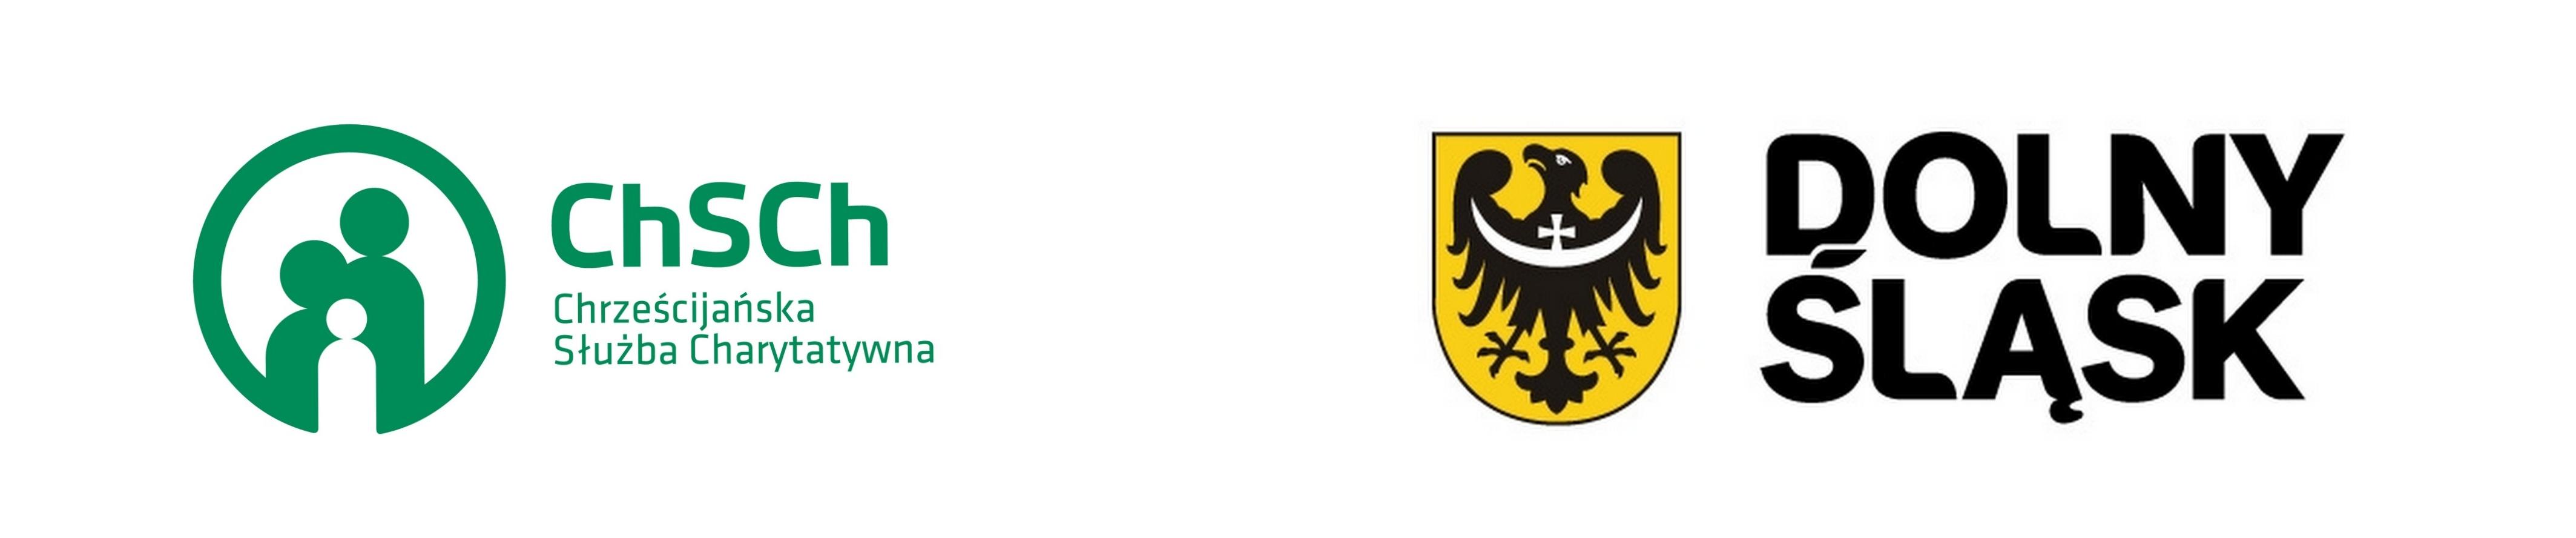 """Projekt """"Zdrowie na talerzu"""" był współfinansowany ze środków otrzymanych z Urzędu Marszałkowskiego Województwa Dolnośląskiego we Wrocławiu."""